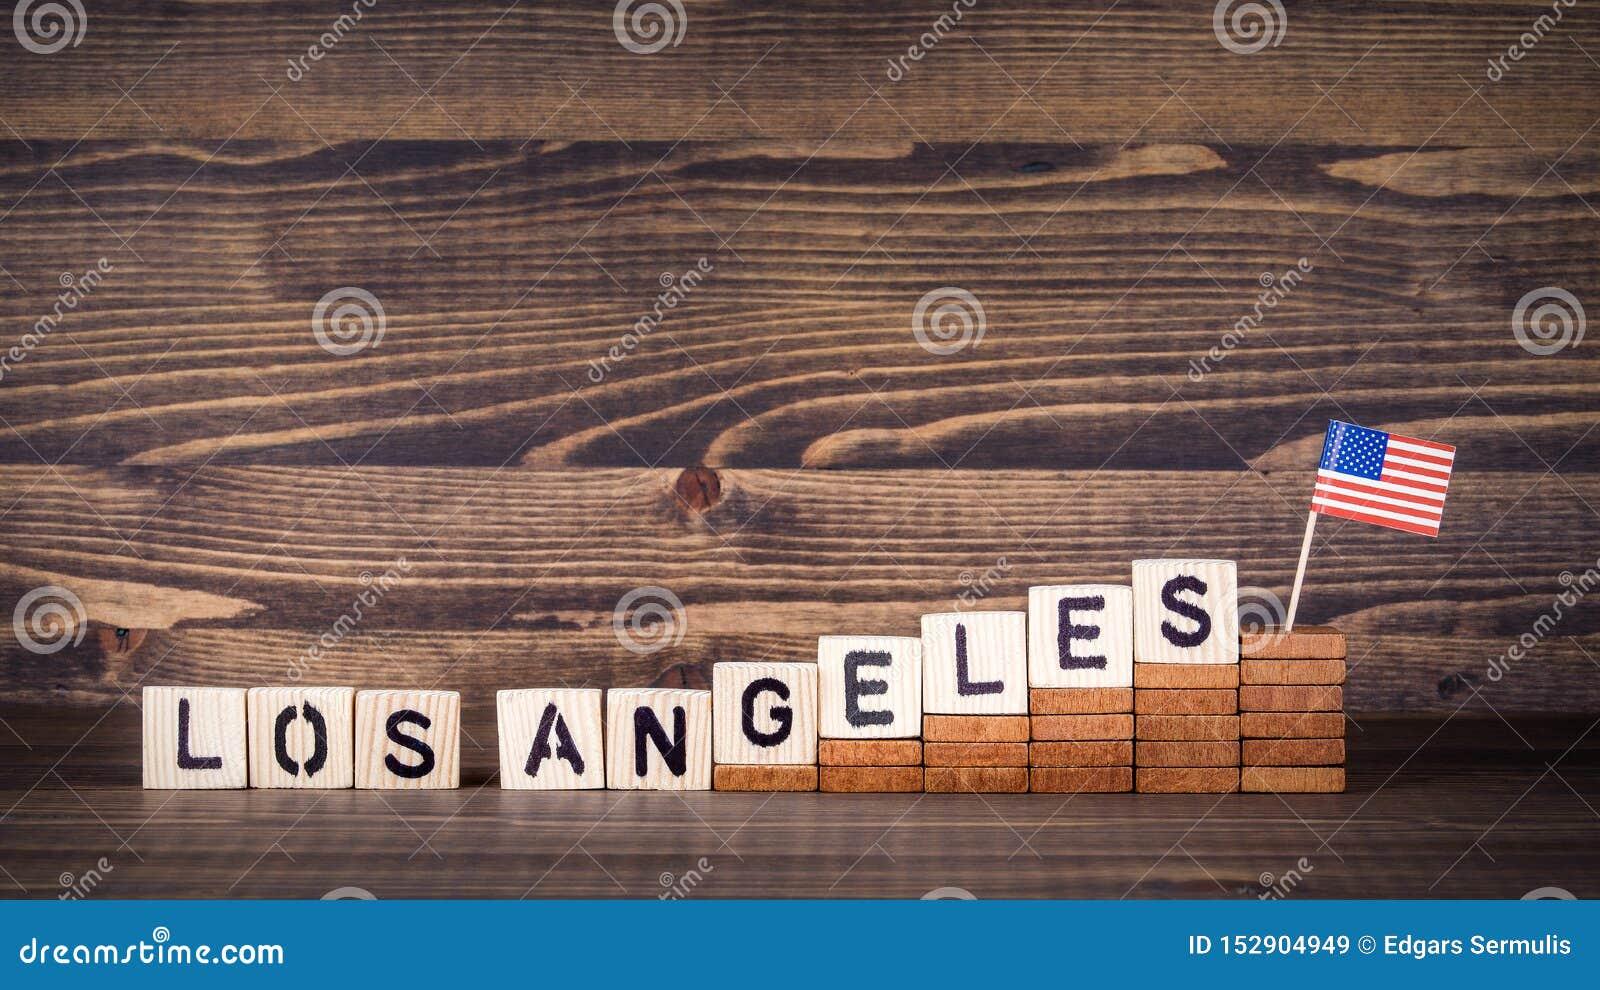 Λος Άντζελες, Ηνωμένες Πολιτείες Οικονομικής και μετανάστευσης έννοια πολιτικής,